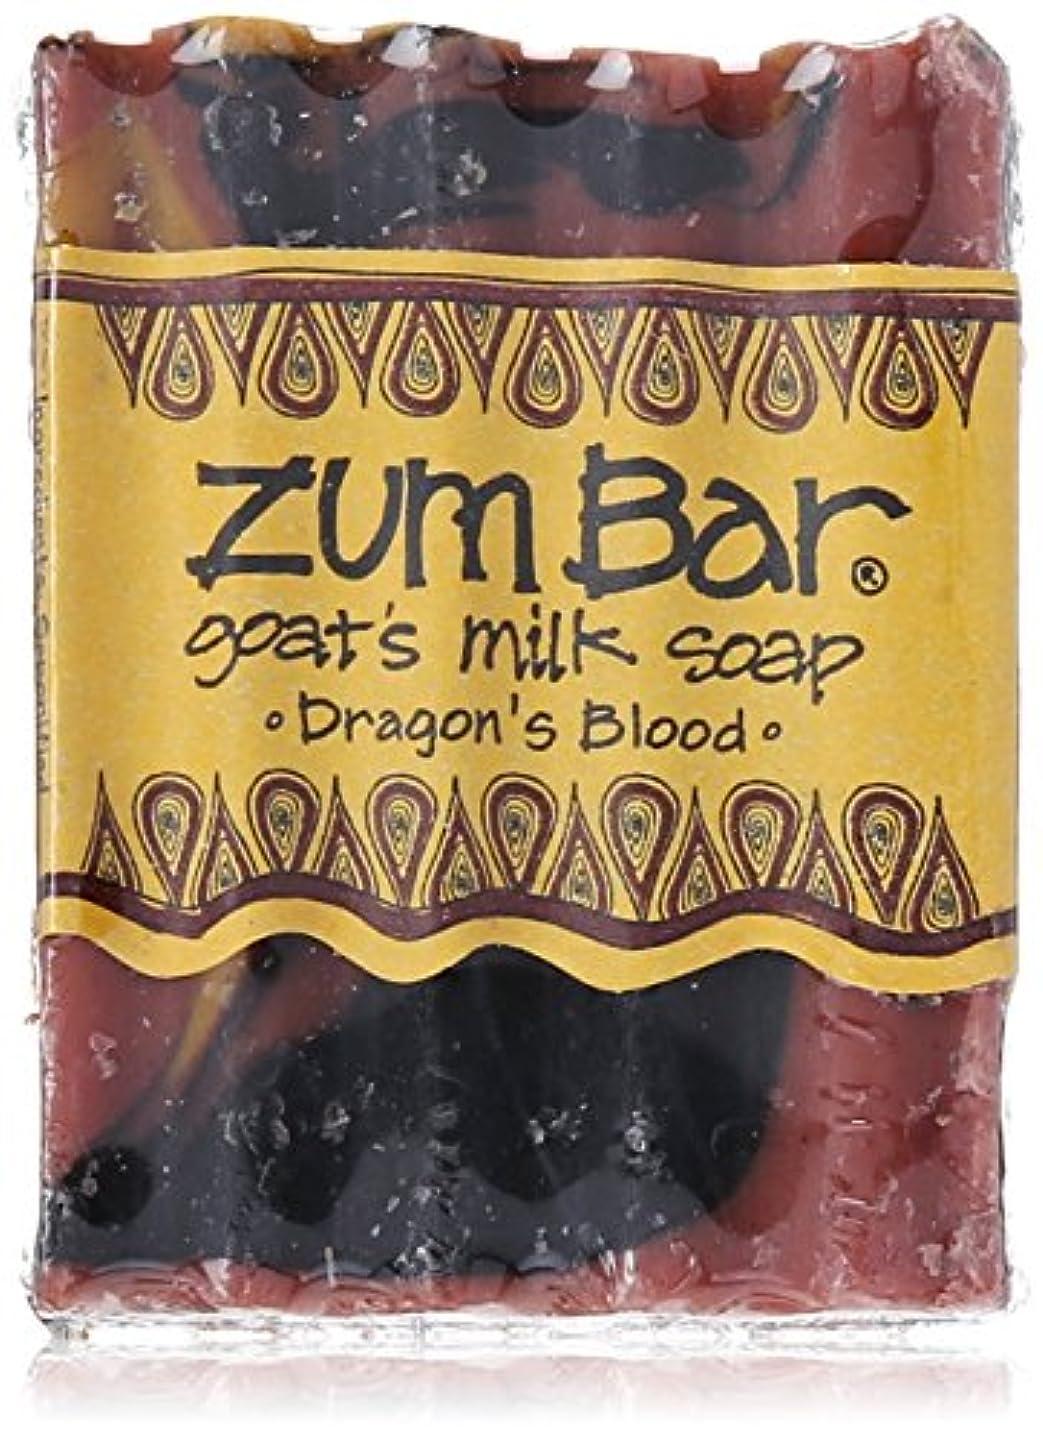 繕う詐欺師一般的に言えば海外直送品 Indigo Wild, Zum Bar, Goat's ミルク ソープ ドラゴン ブラッド , 3 Ounces (2個セット) (Dragon's Blood) [並行輸入品]